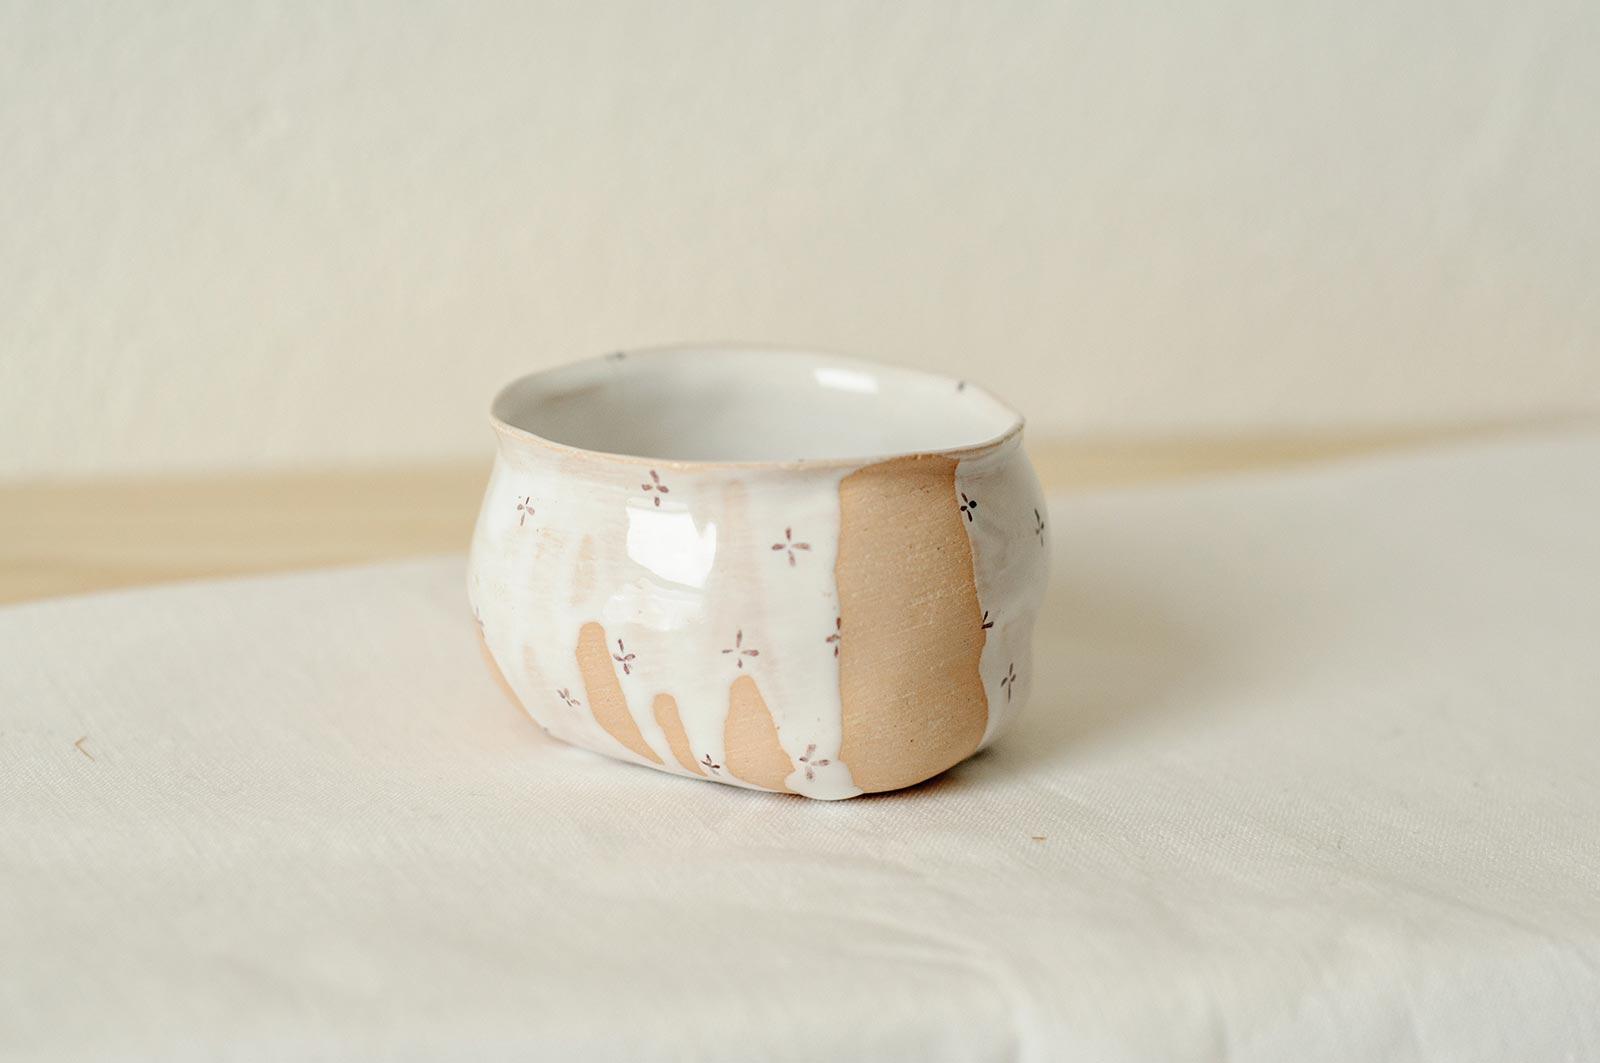 Вид сбоку - Соусник из керамики (Ручная работа)